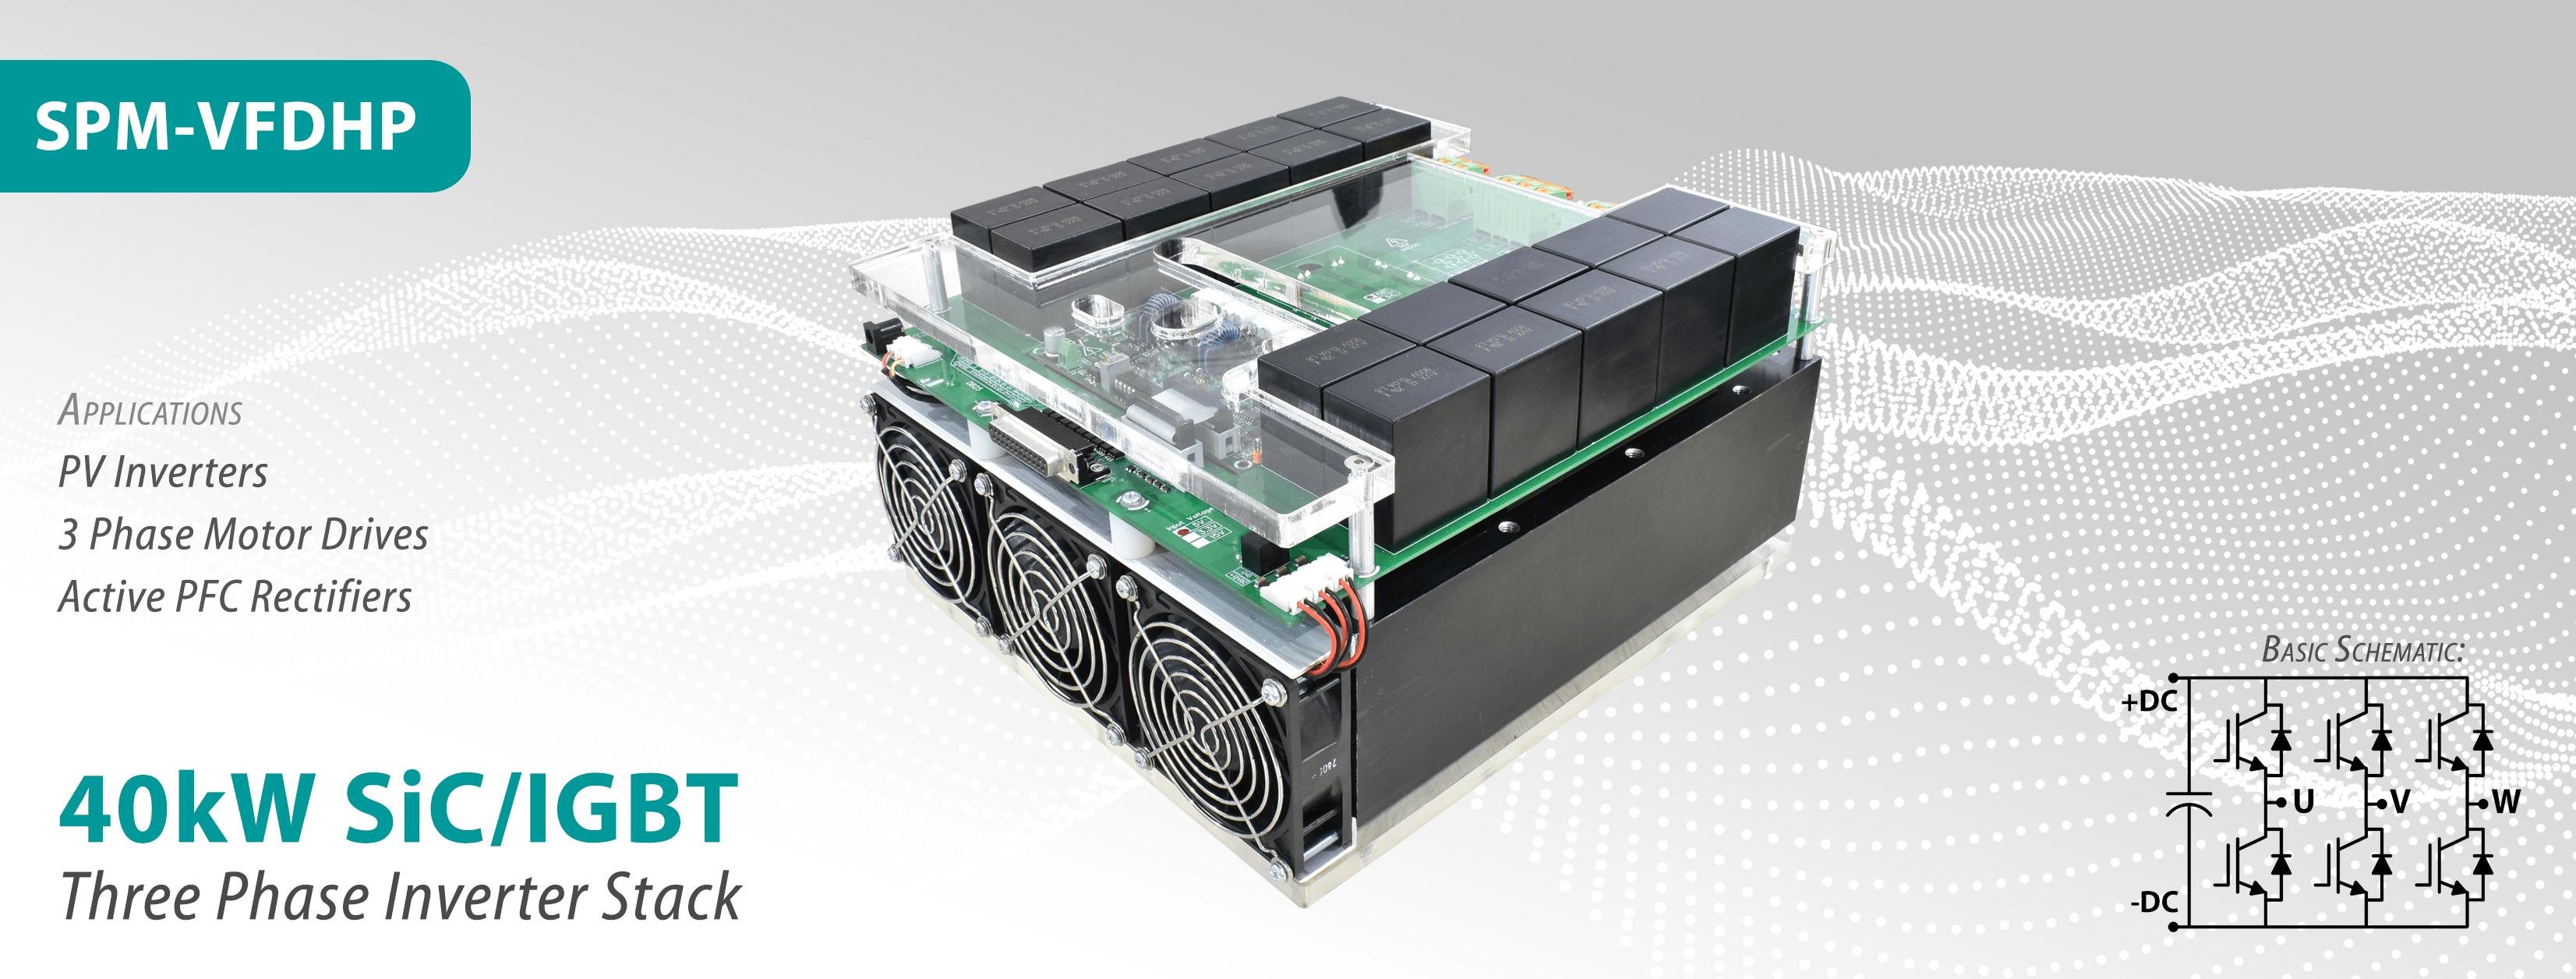 SPM-VFDHP High Power 3 Phase Inverter Stack Released